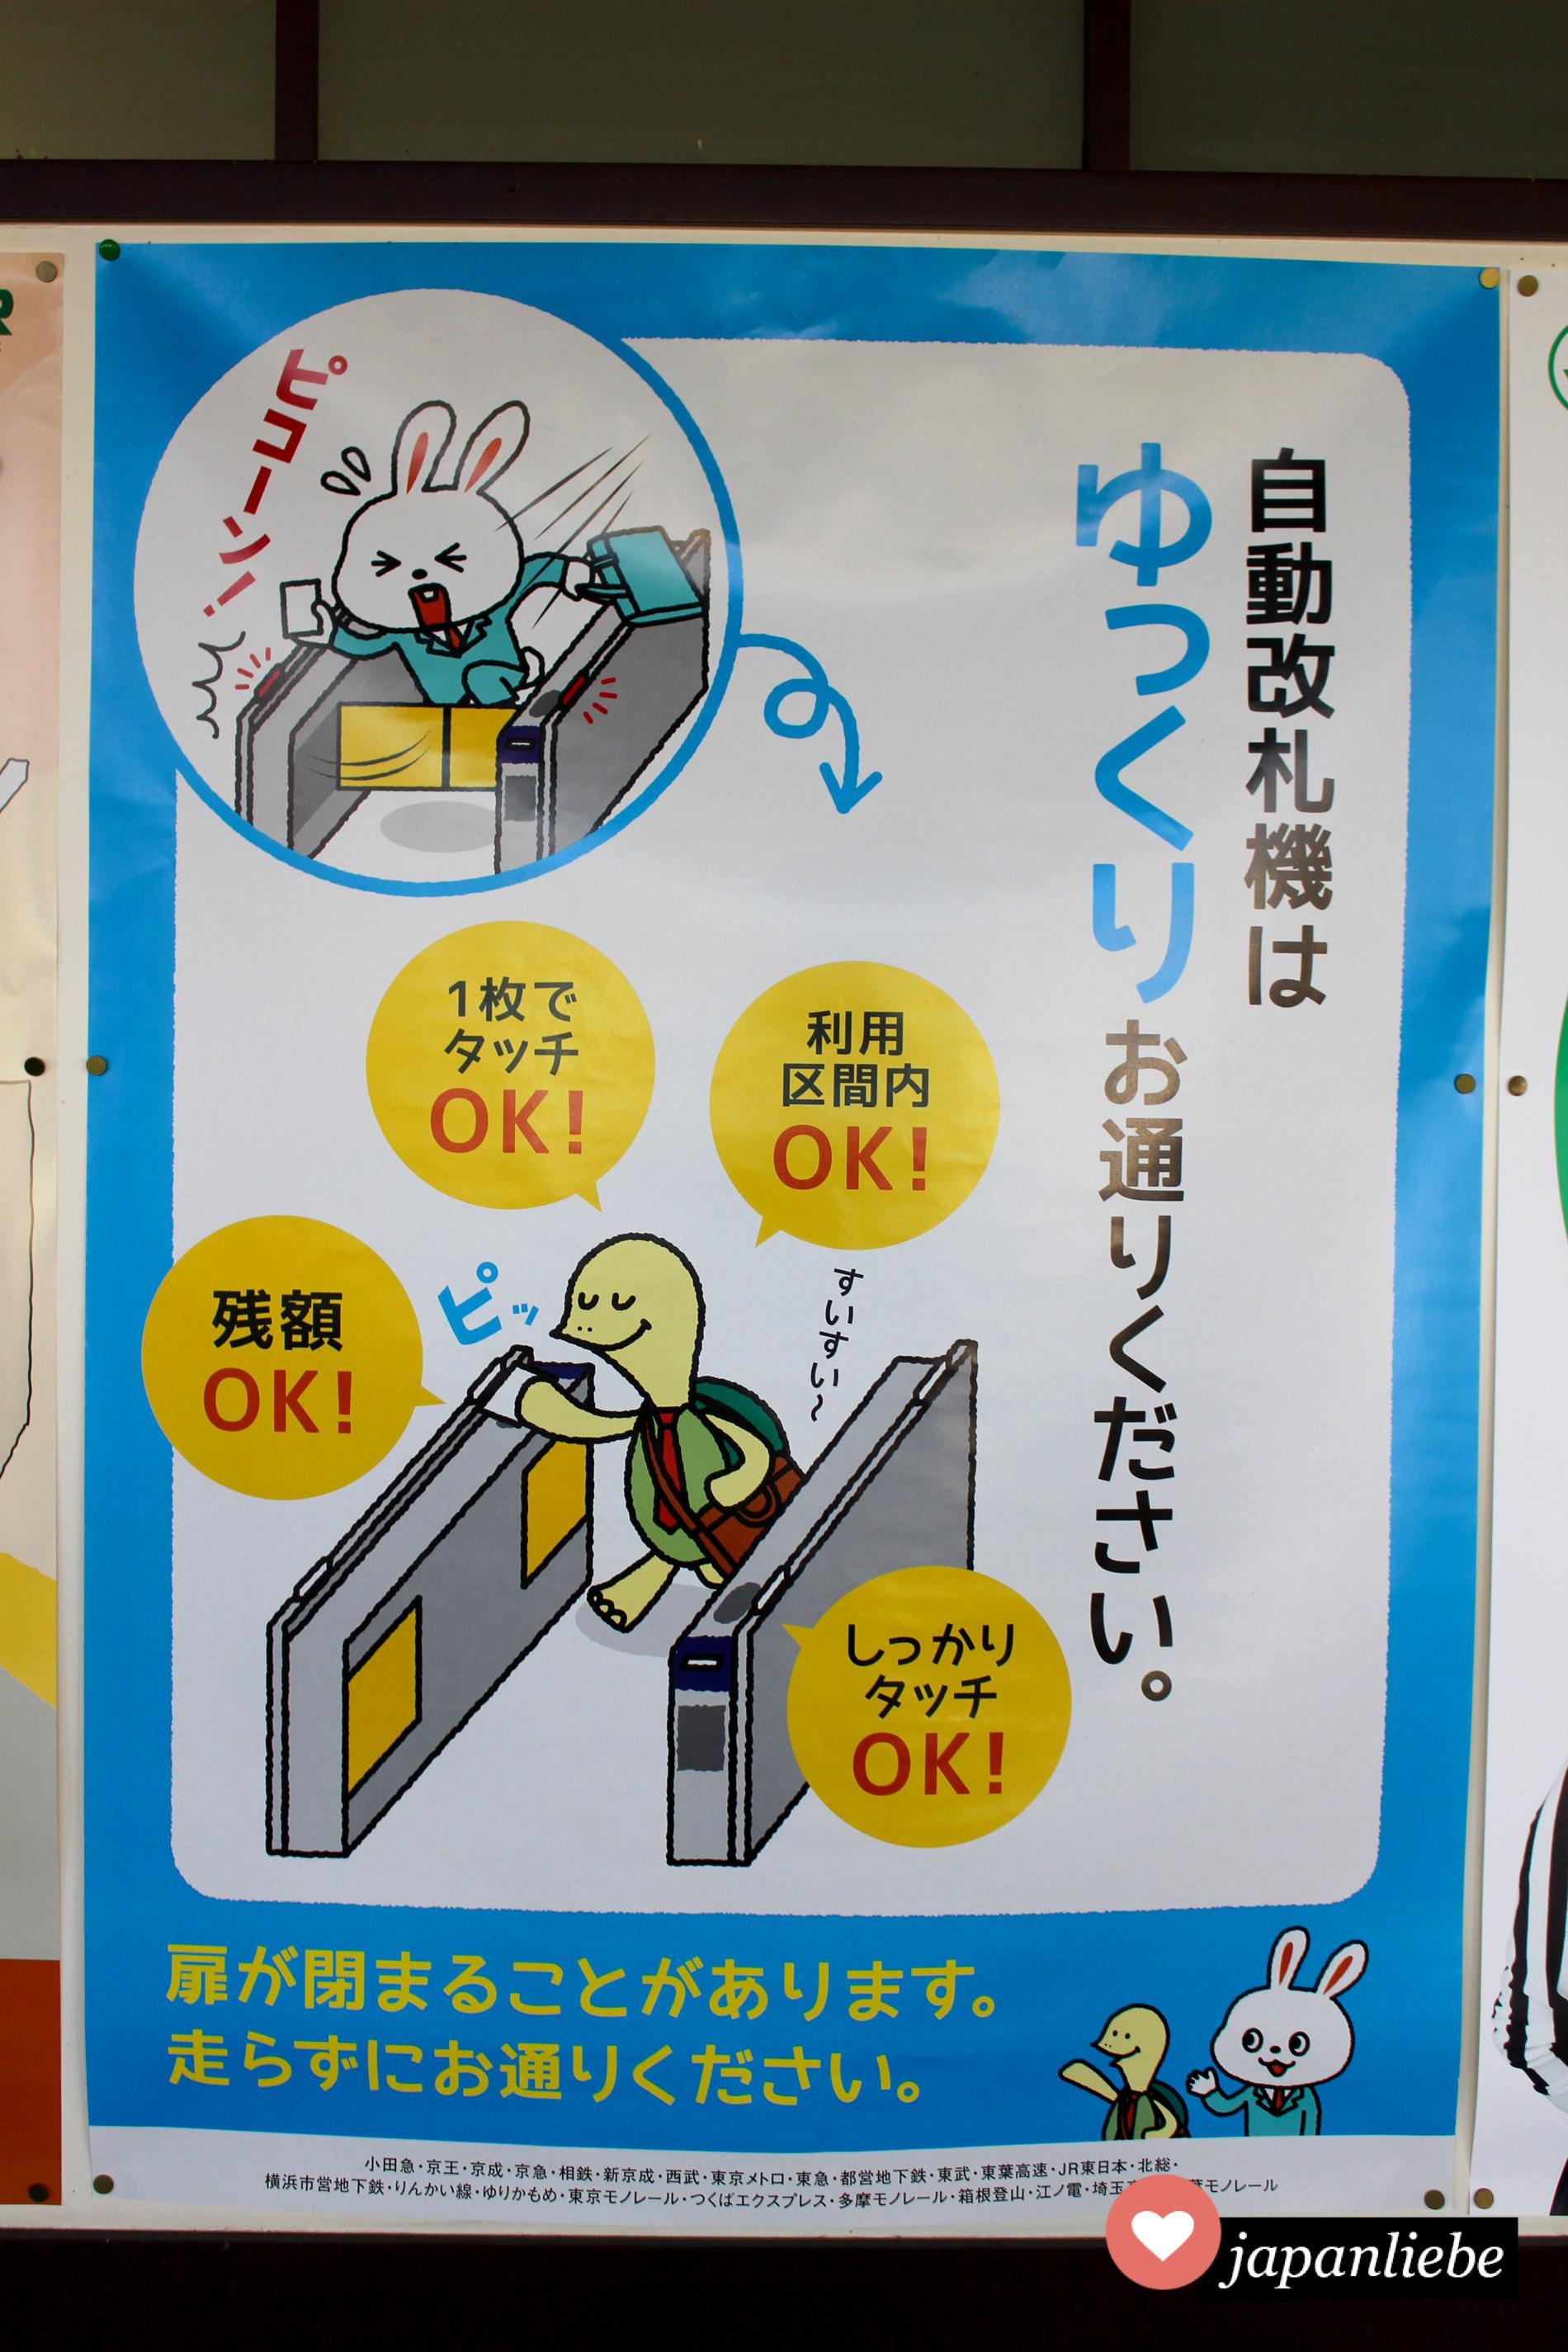 Ein Poster weißt darauf hin, dass man an japanischen Bahnhöfen langsam machen soll. Egal, ob man durch dias Ticketgate will oder zum Zug.